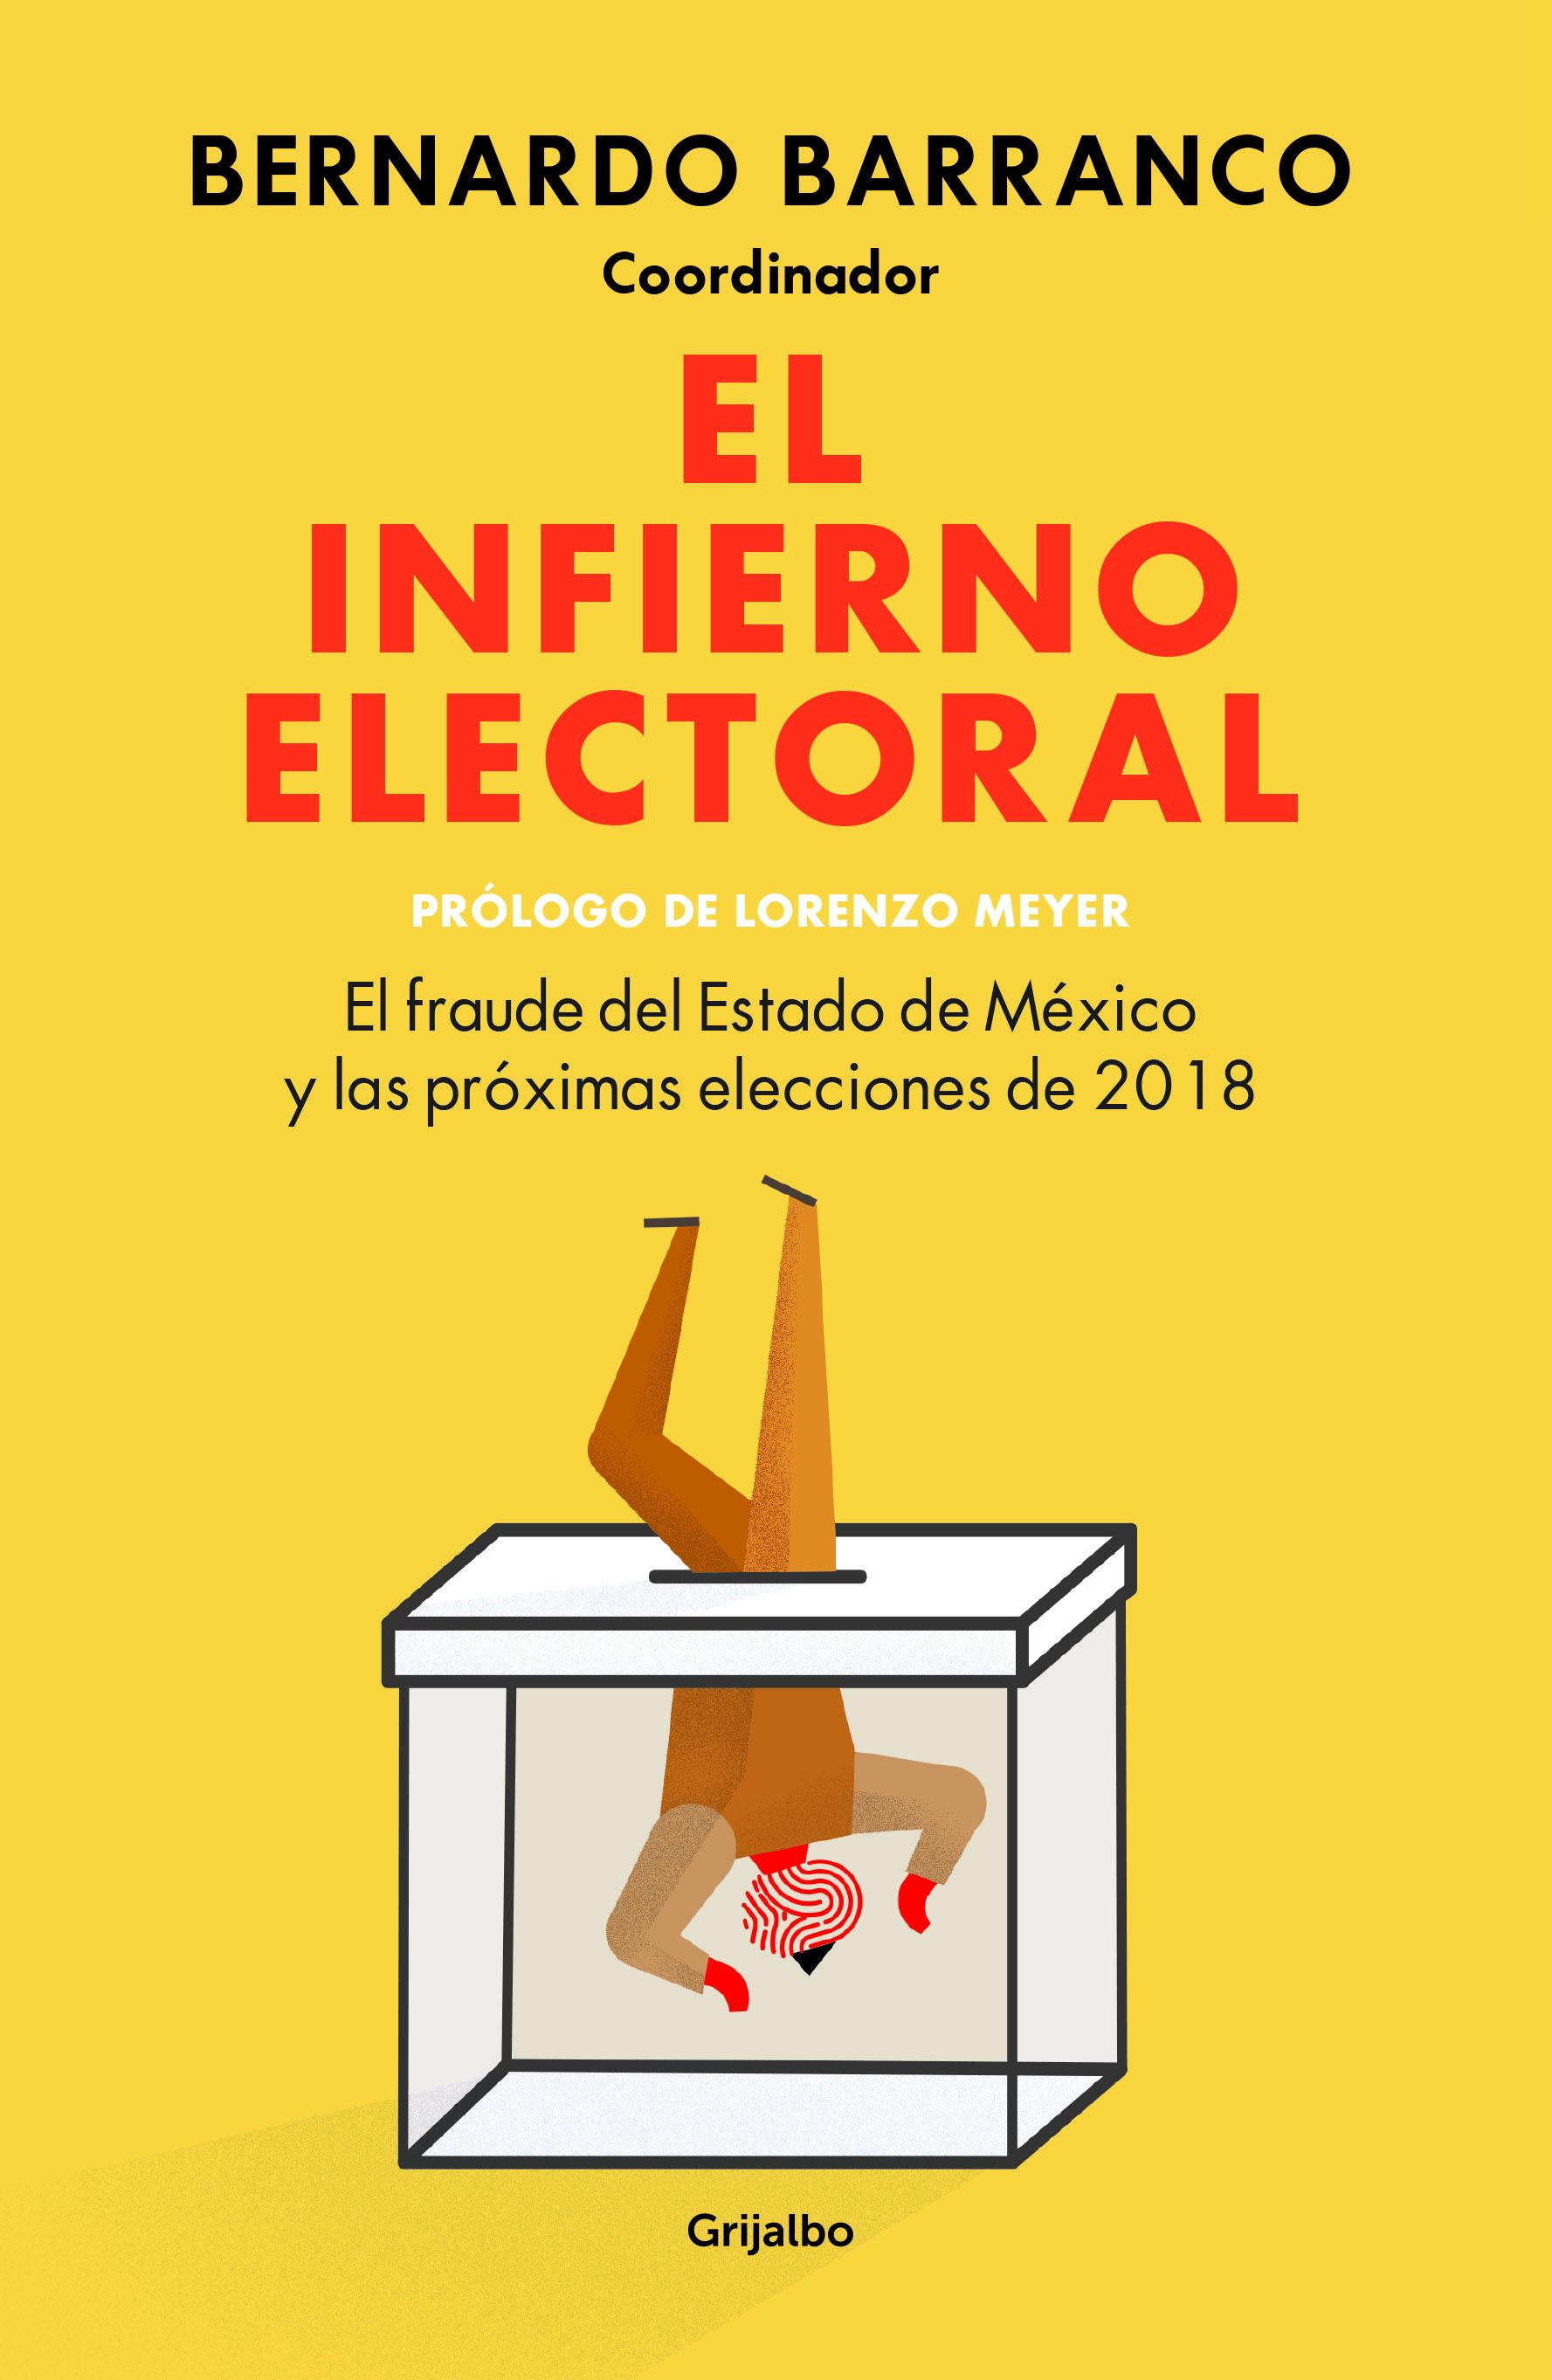 Infierno electoral, de Bernardo Barranco, Grijalbo